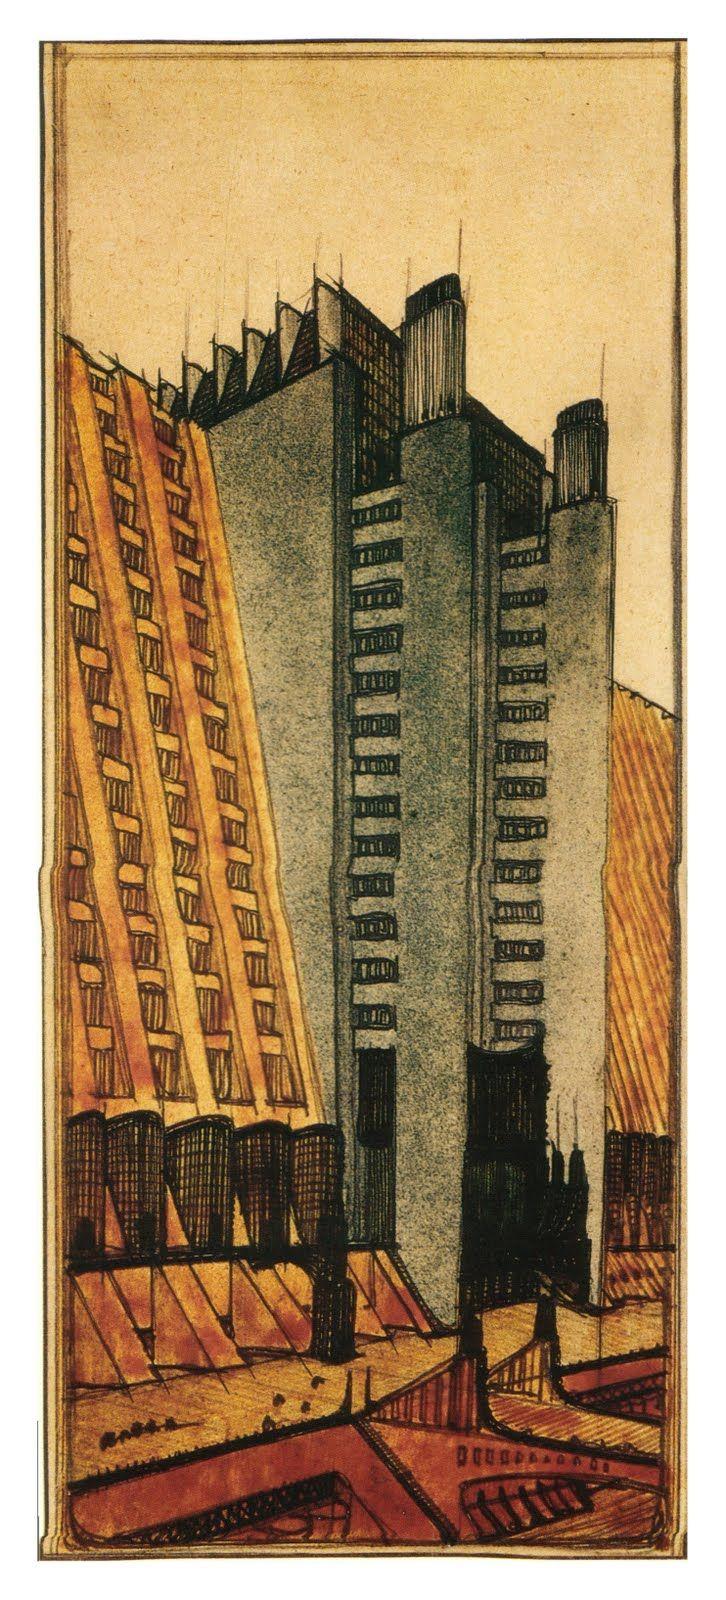 FUTURISMO ANTONIO SAINT ELLIÀ CONSTRUCCIONES PARA UNA  METROPOLI MODERNA Concebía al futurismo como arquitectura dinámica en 'movimiento'.  Un espacio arquitectónico ligado al tiempo y los nuevos materiales, de líneas oblicuas, caracterizado por la exposición de los ascensores y escaleras en las fachadas de los edificios dejando al descubierto la estructura.